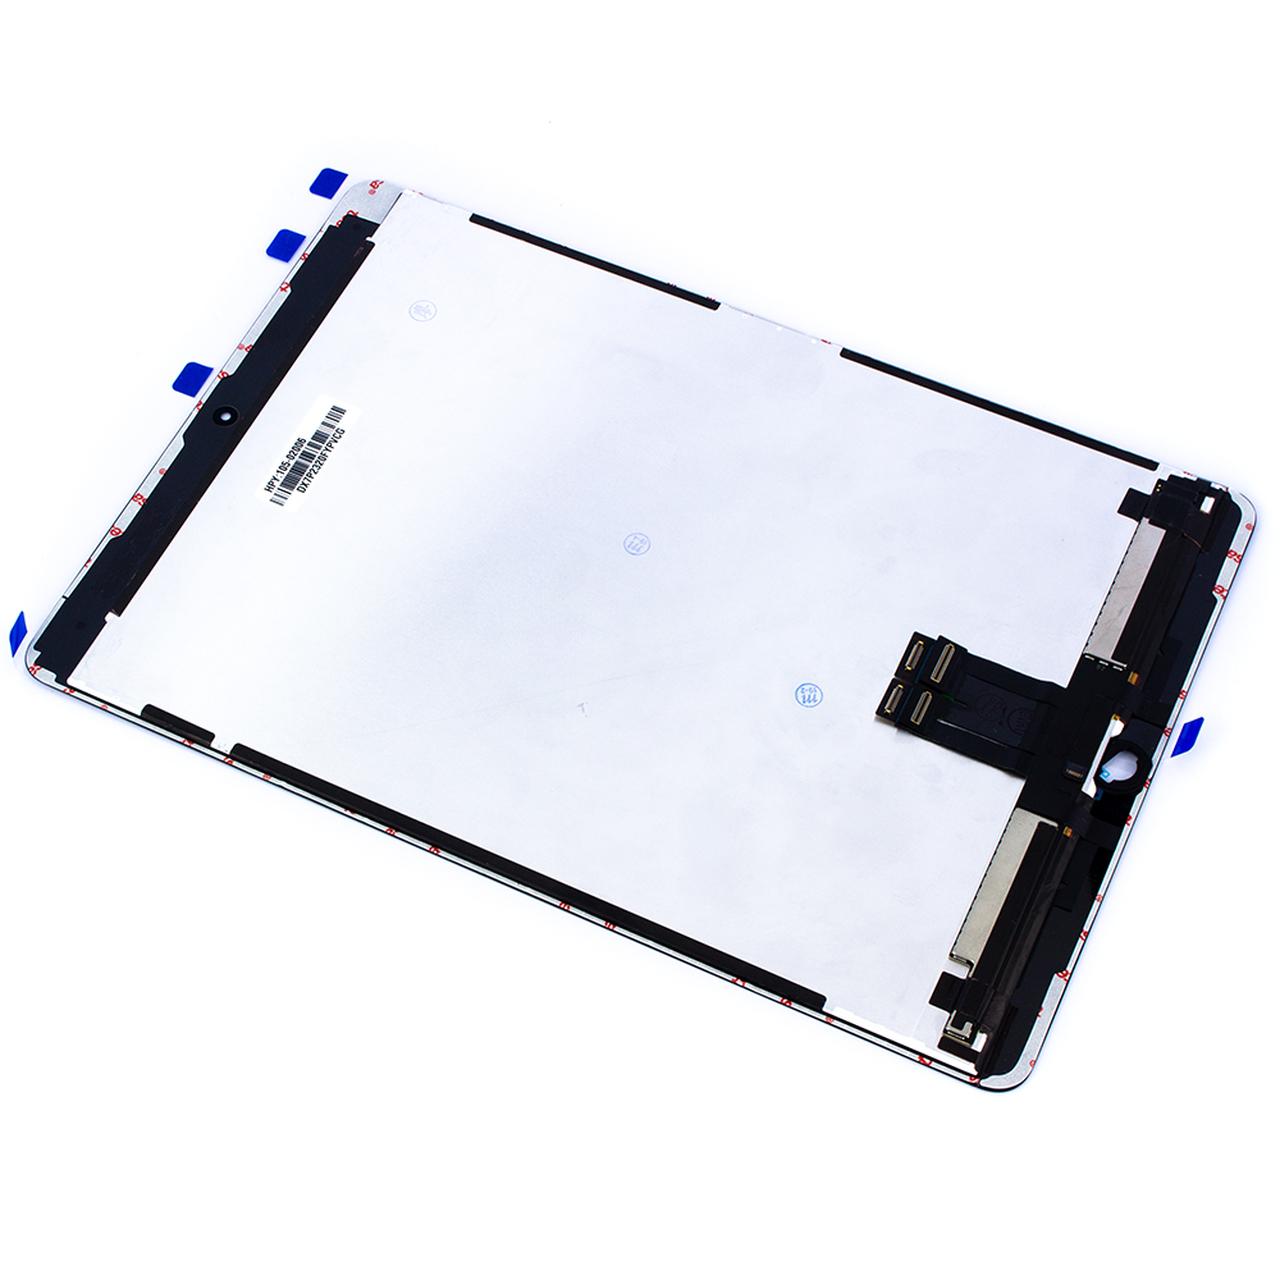 iPad-air-2019-touche-lcd-scherm reparatie